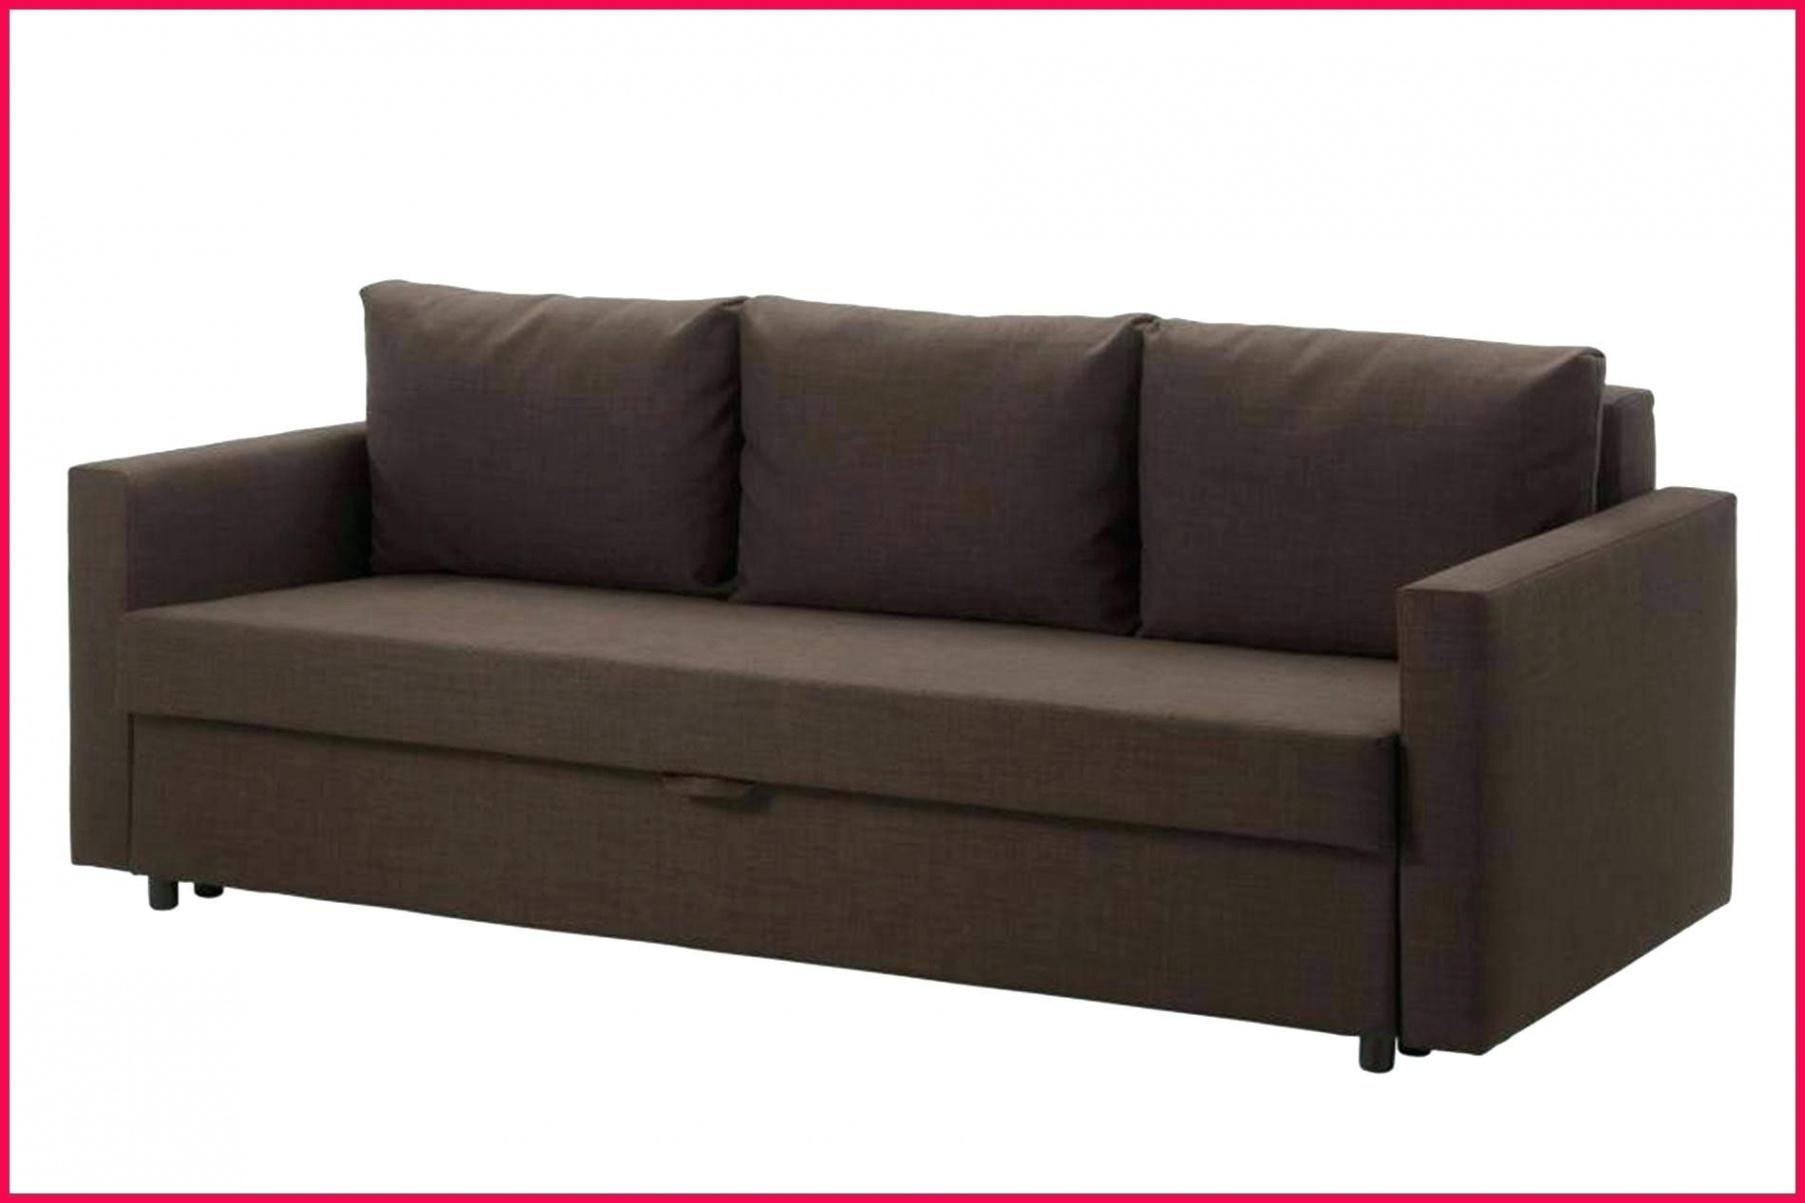 Canapé En Cuir Ikea Impressionnant Image Canapé 3 Places Cuir — Laguerredesmots